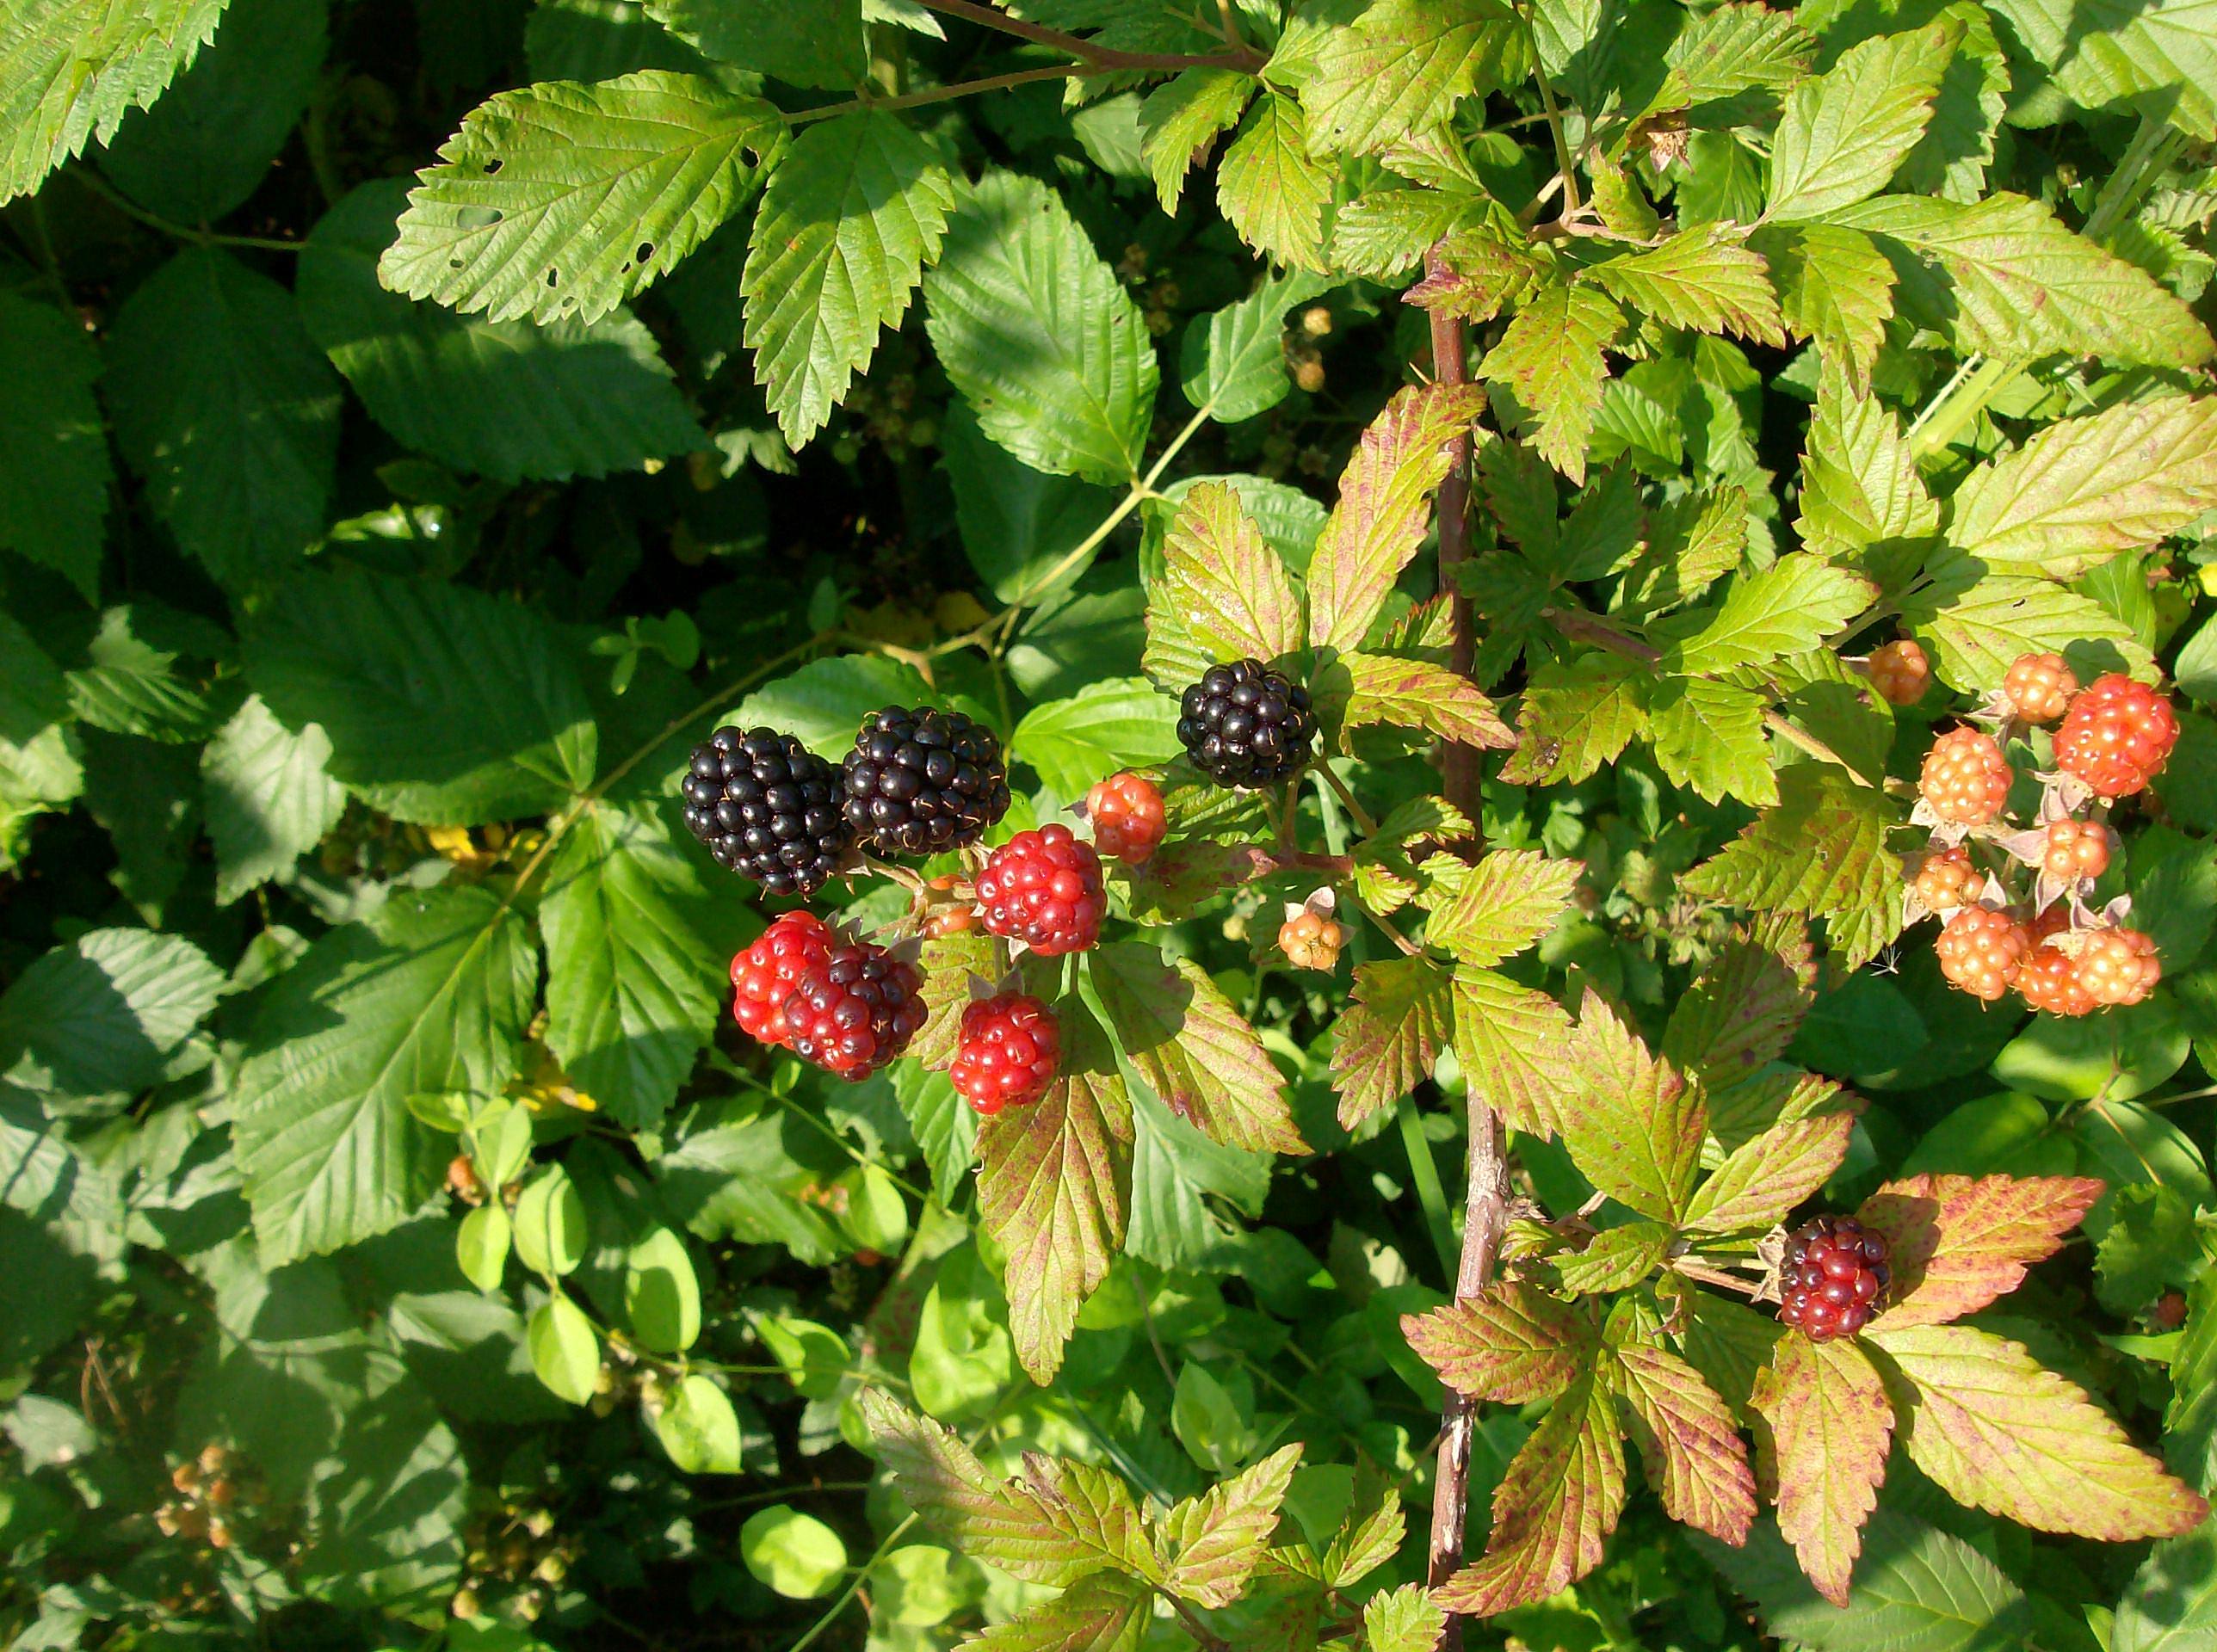 Raspberries and Blackberries by FearOfTheBlackWolf